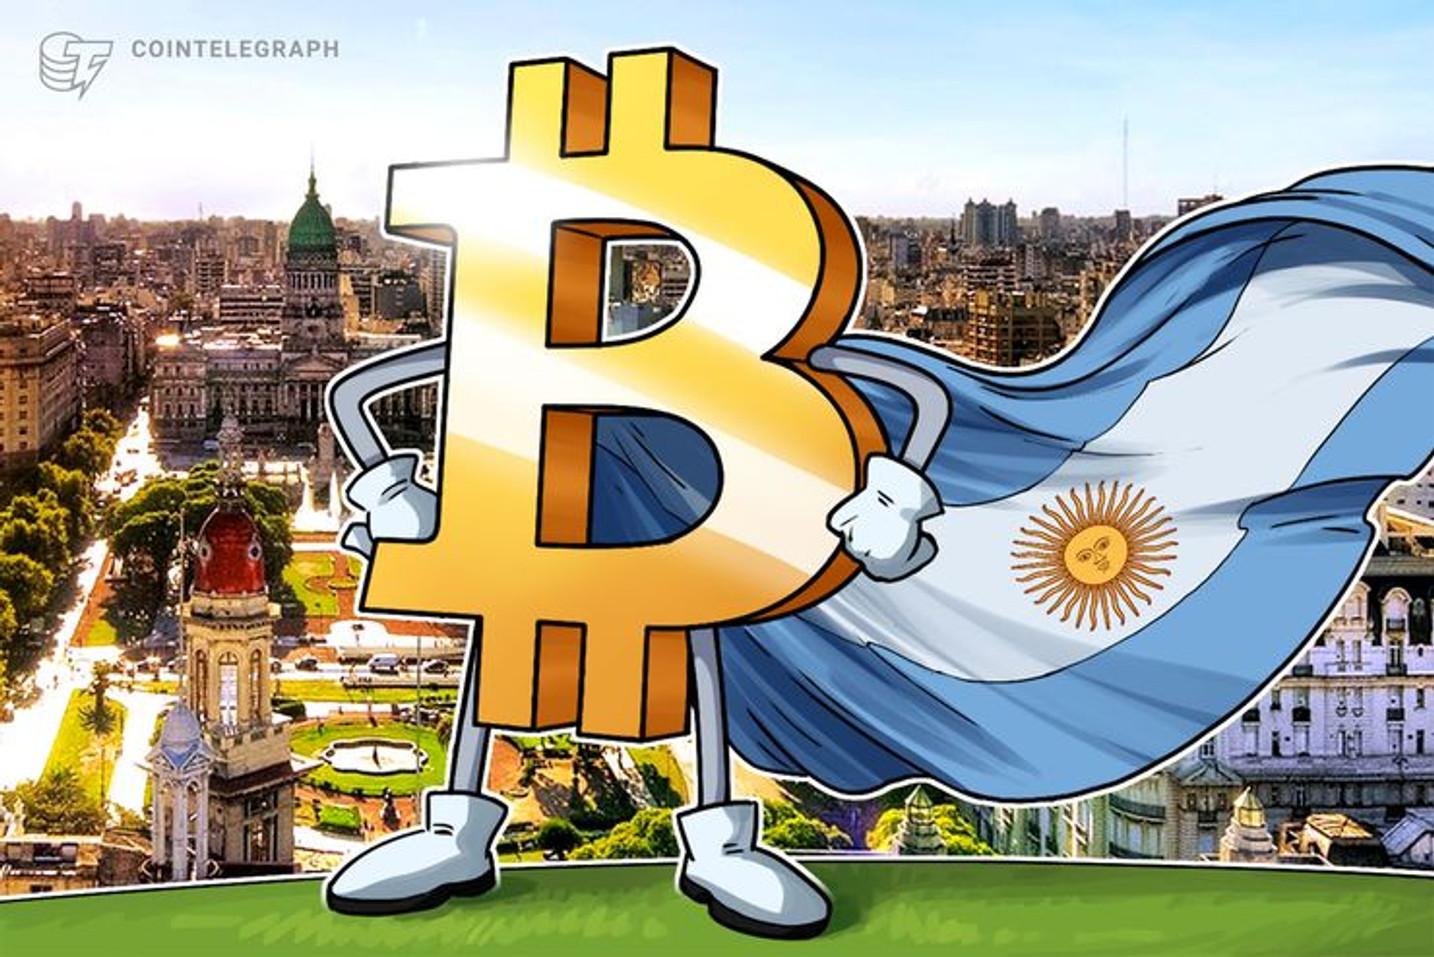 Universidades de Argentina debatieron un proyecto de ley sobre criptomonedas en el Congreso de la Nación